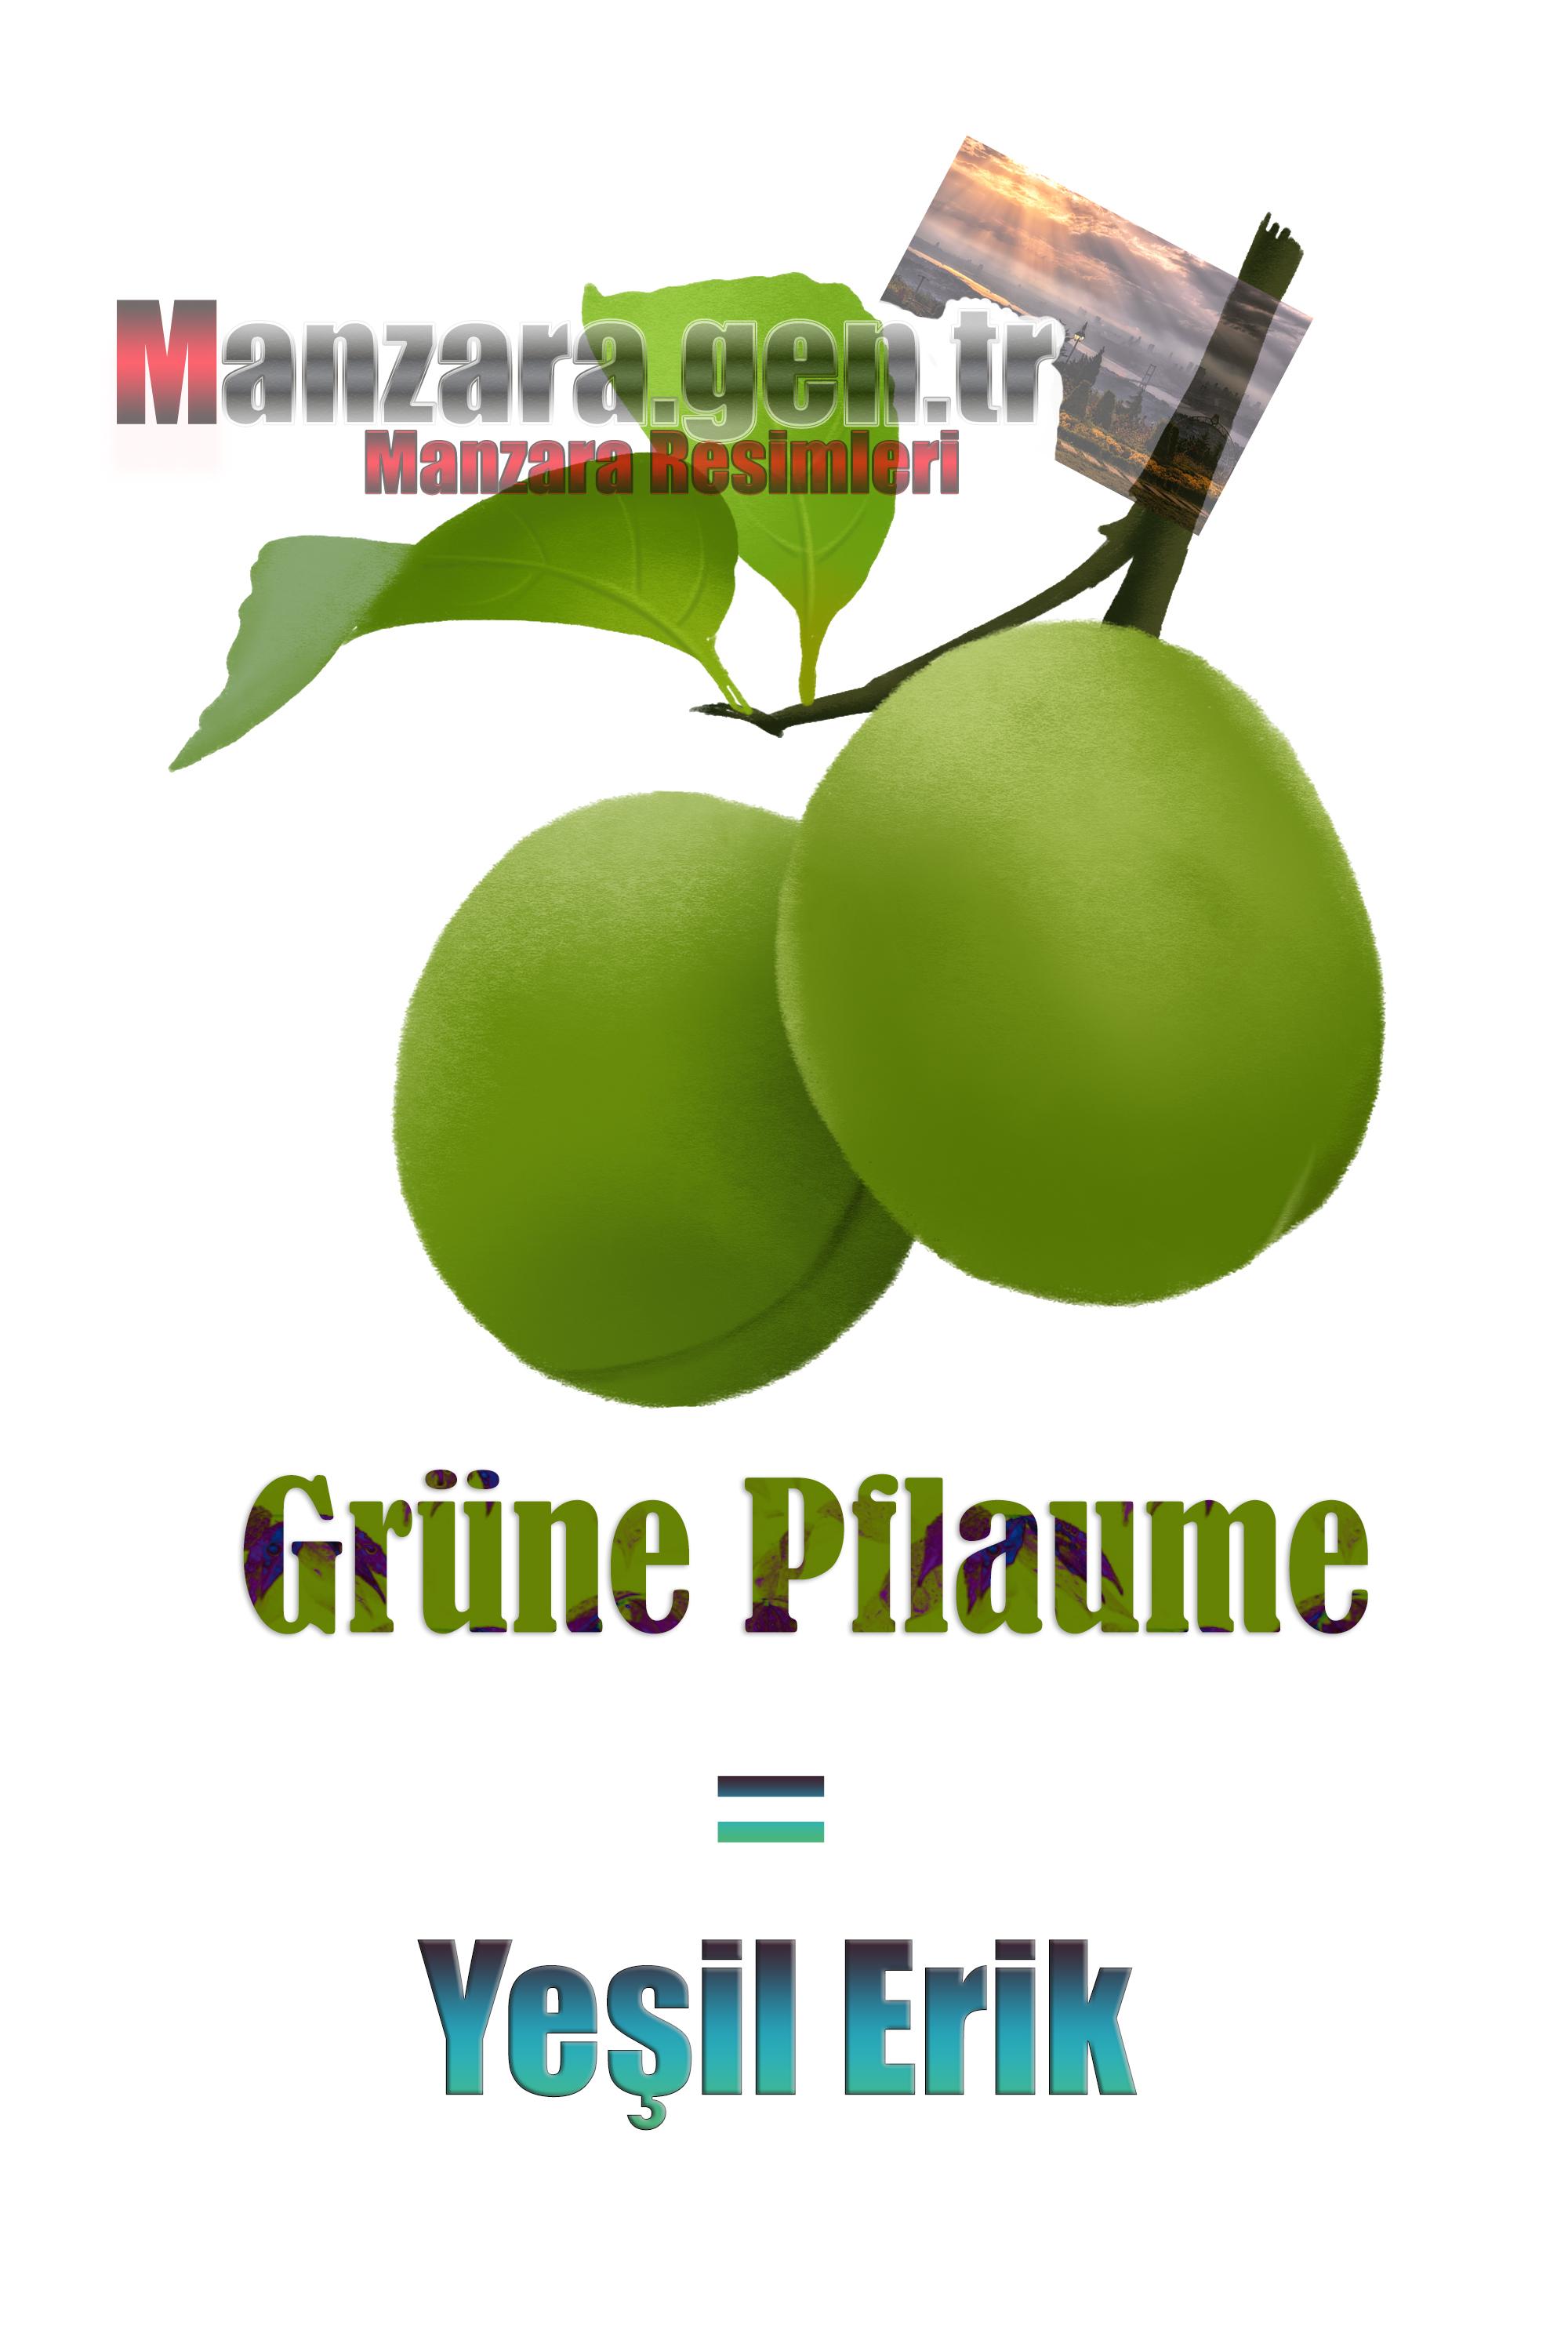 Yeşil Eriğin Almancası Nedir ? Yeşil Erik Almanca Nasıl Yazılır ? Was ist Schwarze Grüne Pflaume Türkisch? Wie schreibe ich Schwarze Grüne Pflaume auf Türkisch?